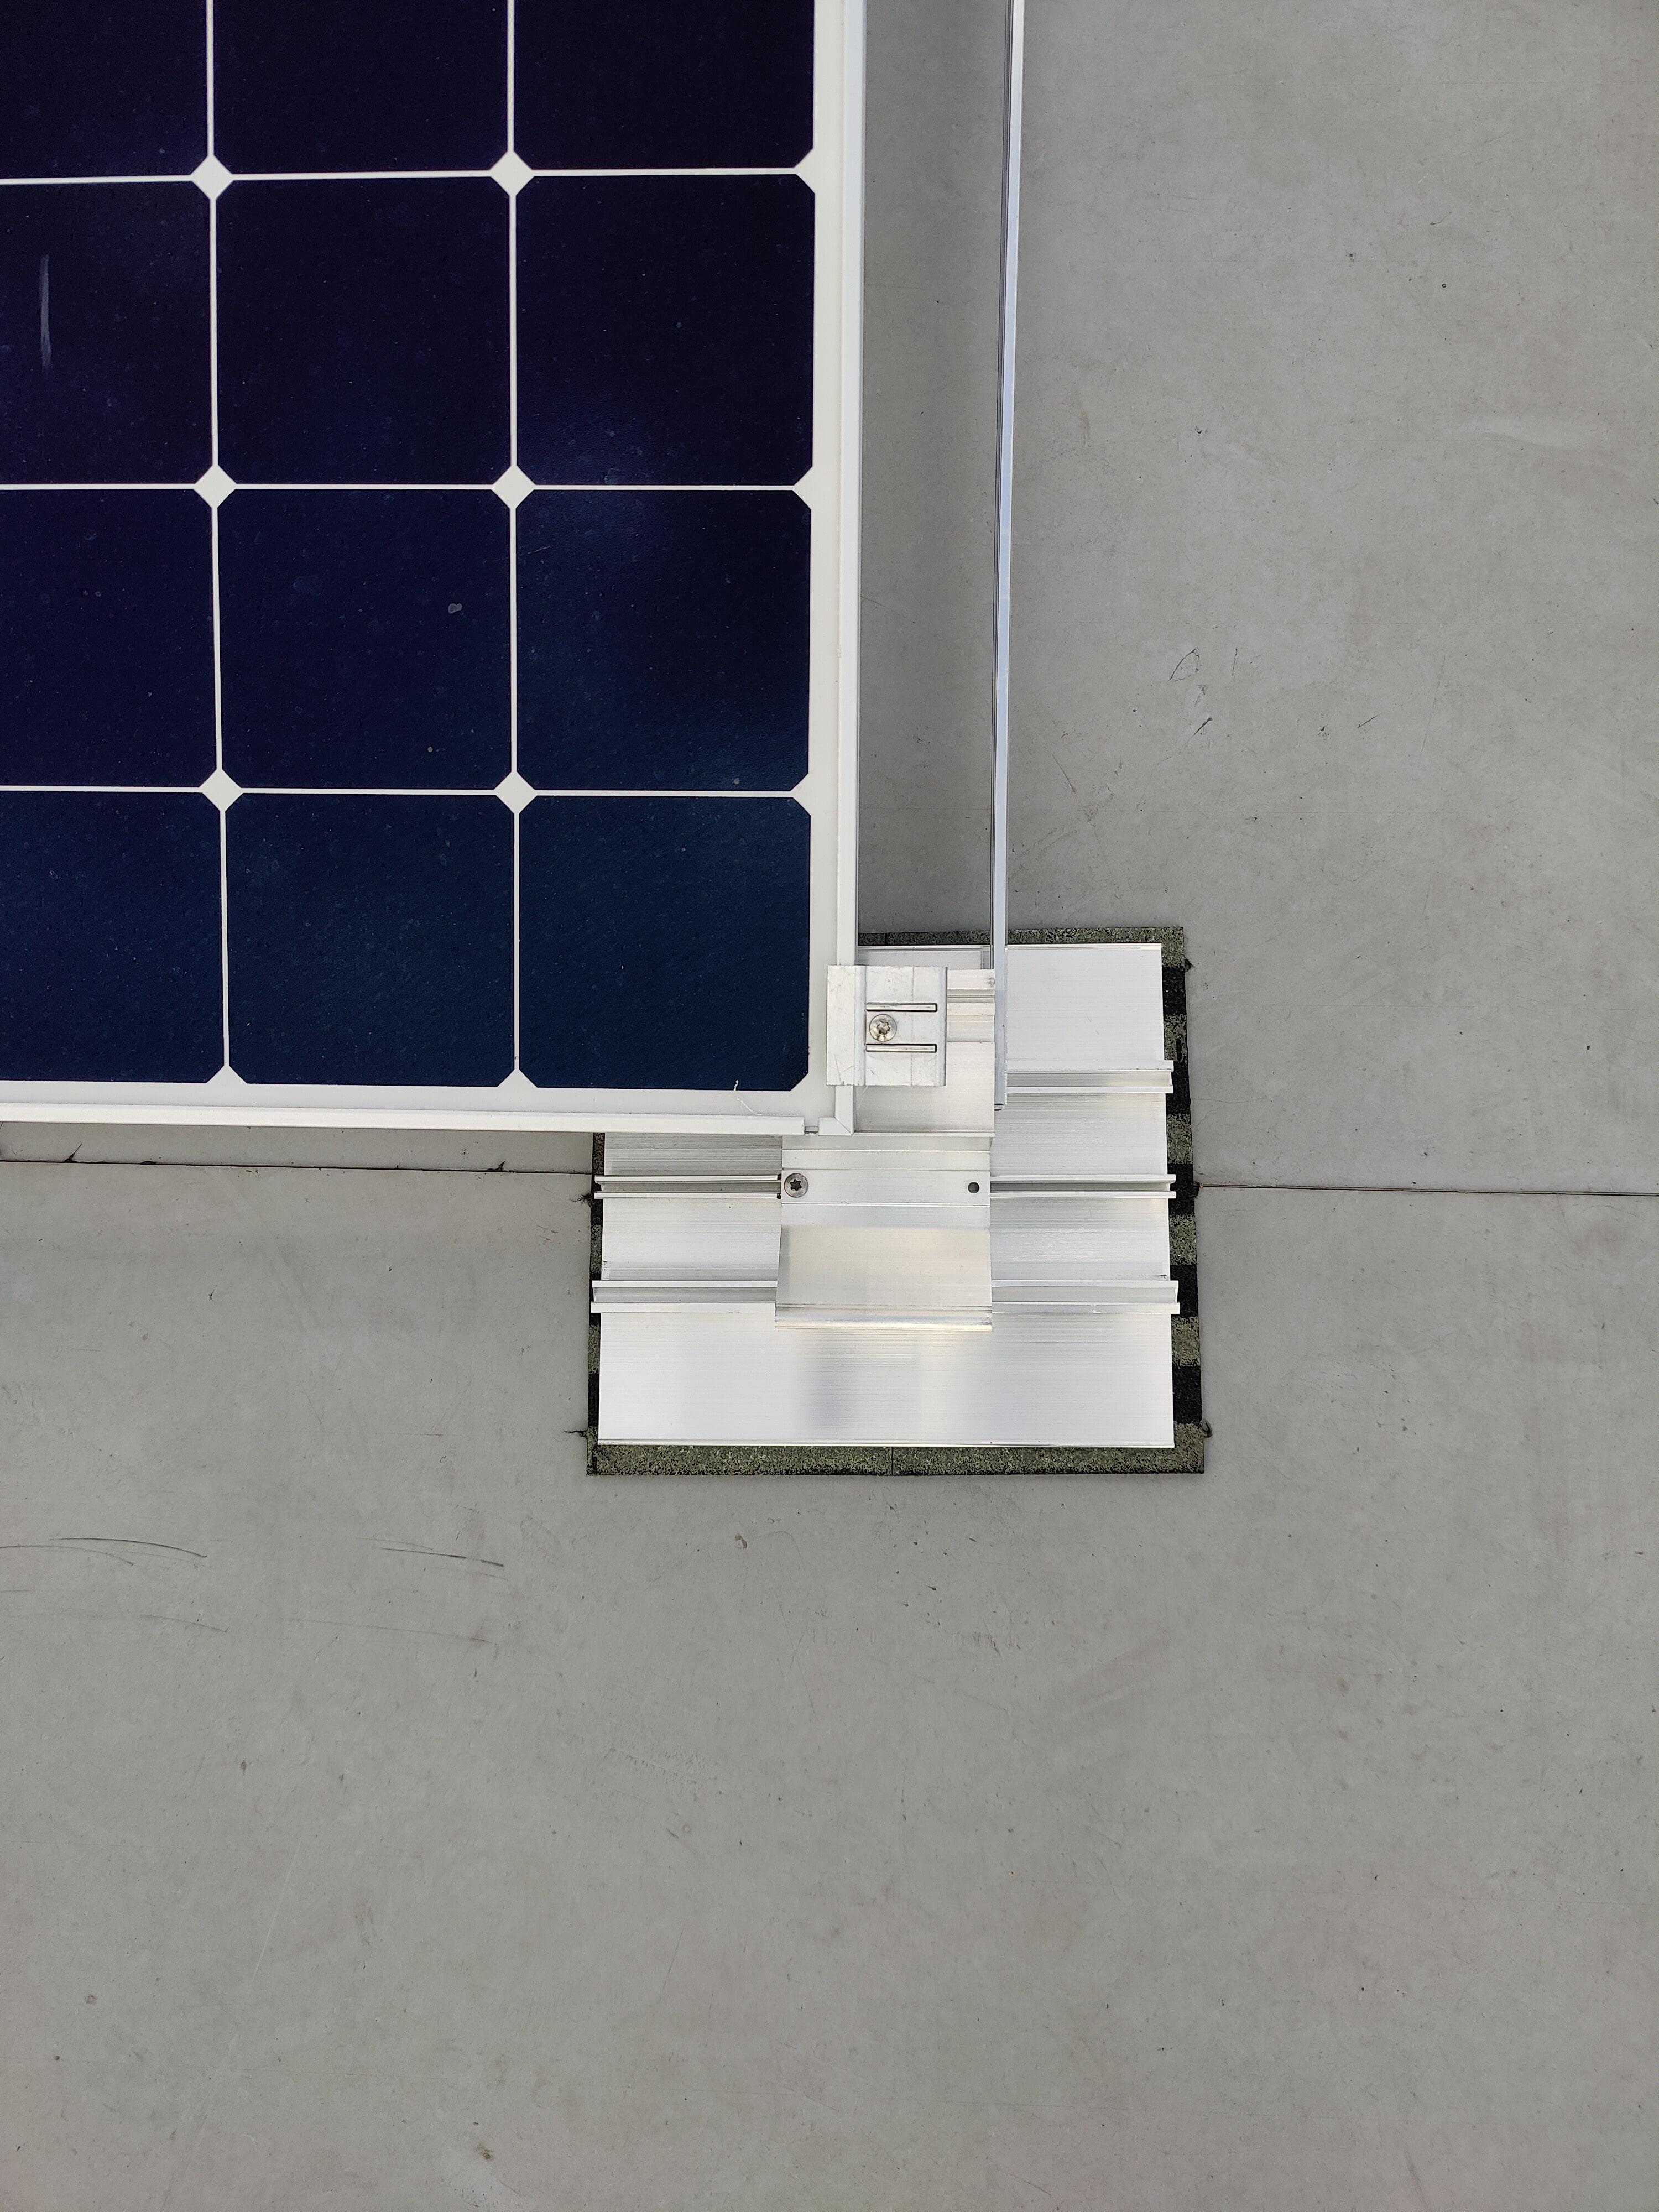 Detailansicht einer Photovoltaikanlage